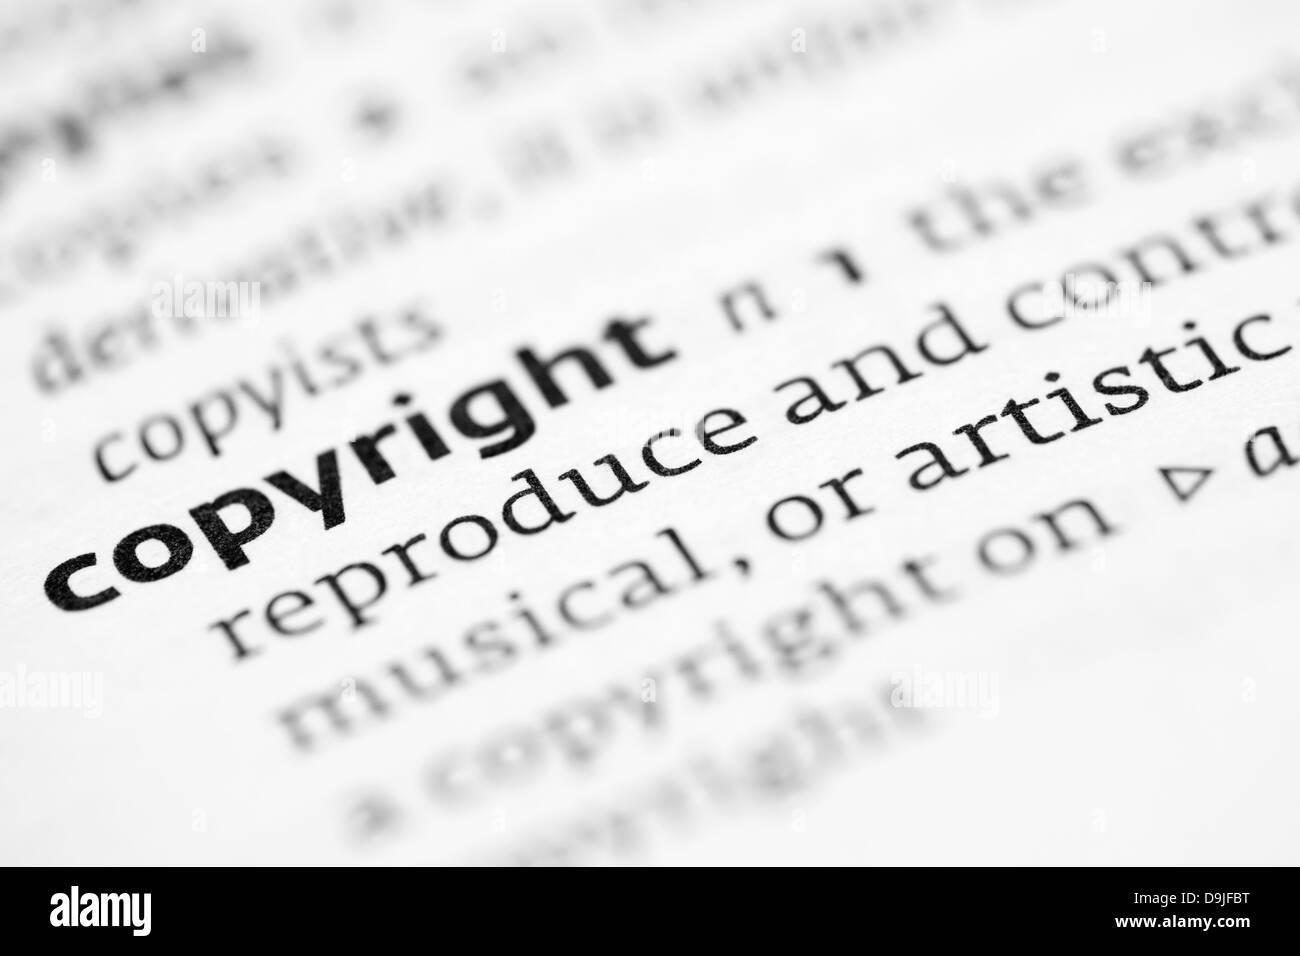 Copyright definición en un diccionario. Foto de stock